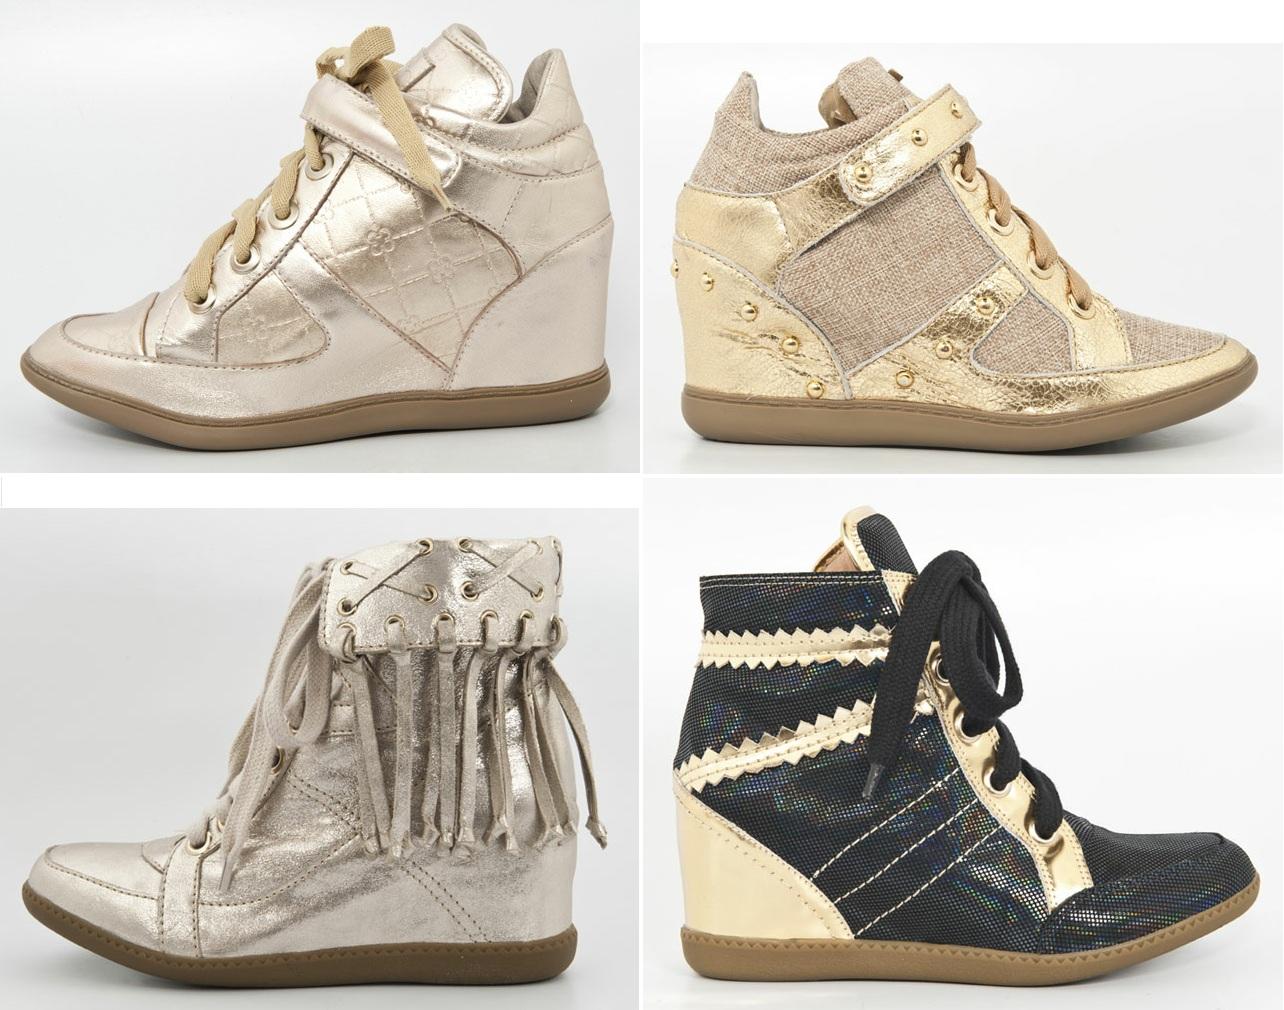 http://3.bp.blogspot.com/-O279HNb6OBc/T8laTjzOiNI/AAAAAAAADH8/hJ8l71-UfJA/s1600/sneakers1.jpg